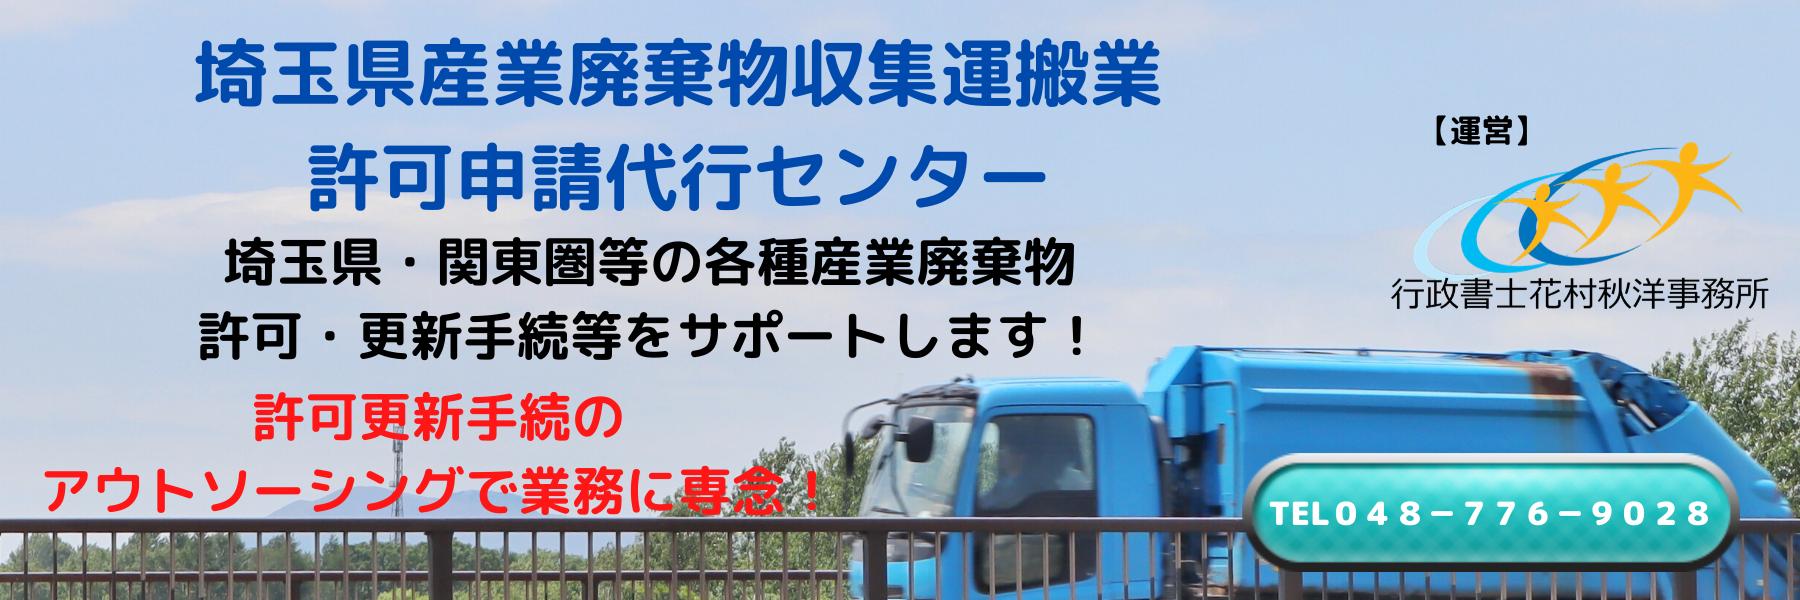 産業廃棄物収集運搬業許可申請代行センターリンク